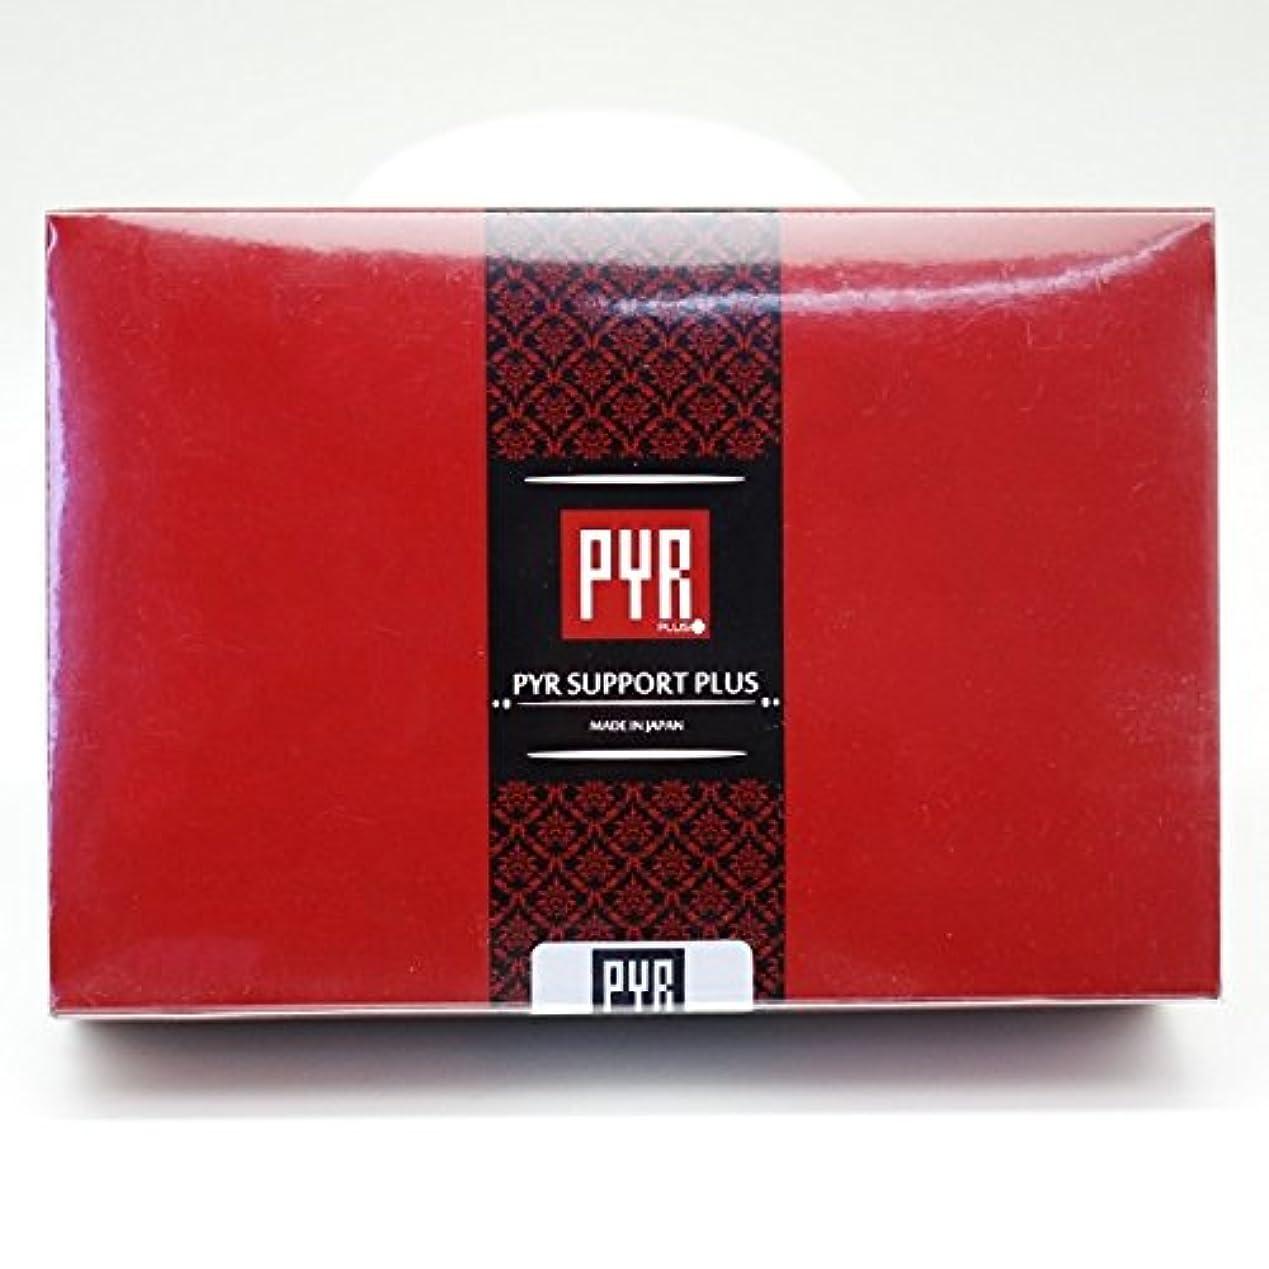 ハプニングブレンドベンチパイラ サポート (PYR SUPPORT) 300mL(5mL×60包)